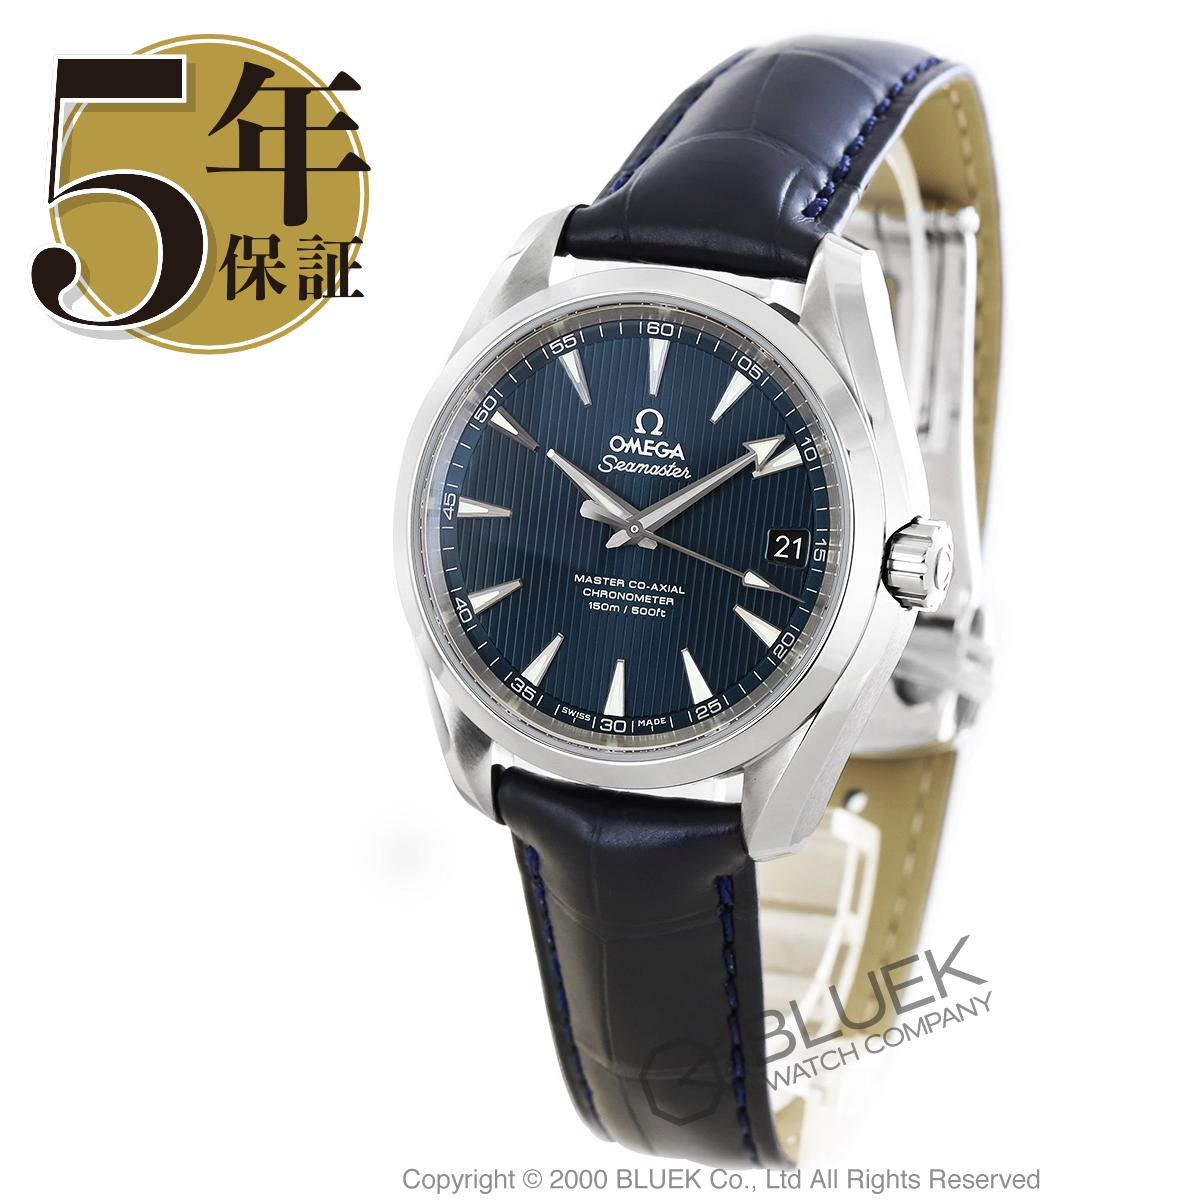 オメガ OMEGA 腕時計 シーマスター アクアテラ アリゲーターレザー メンズ 231.13.39.21.03.001_8